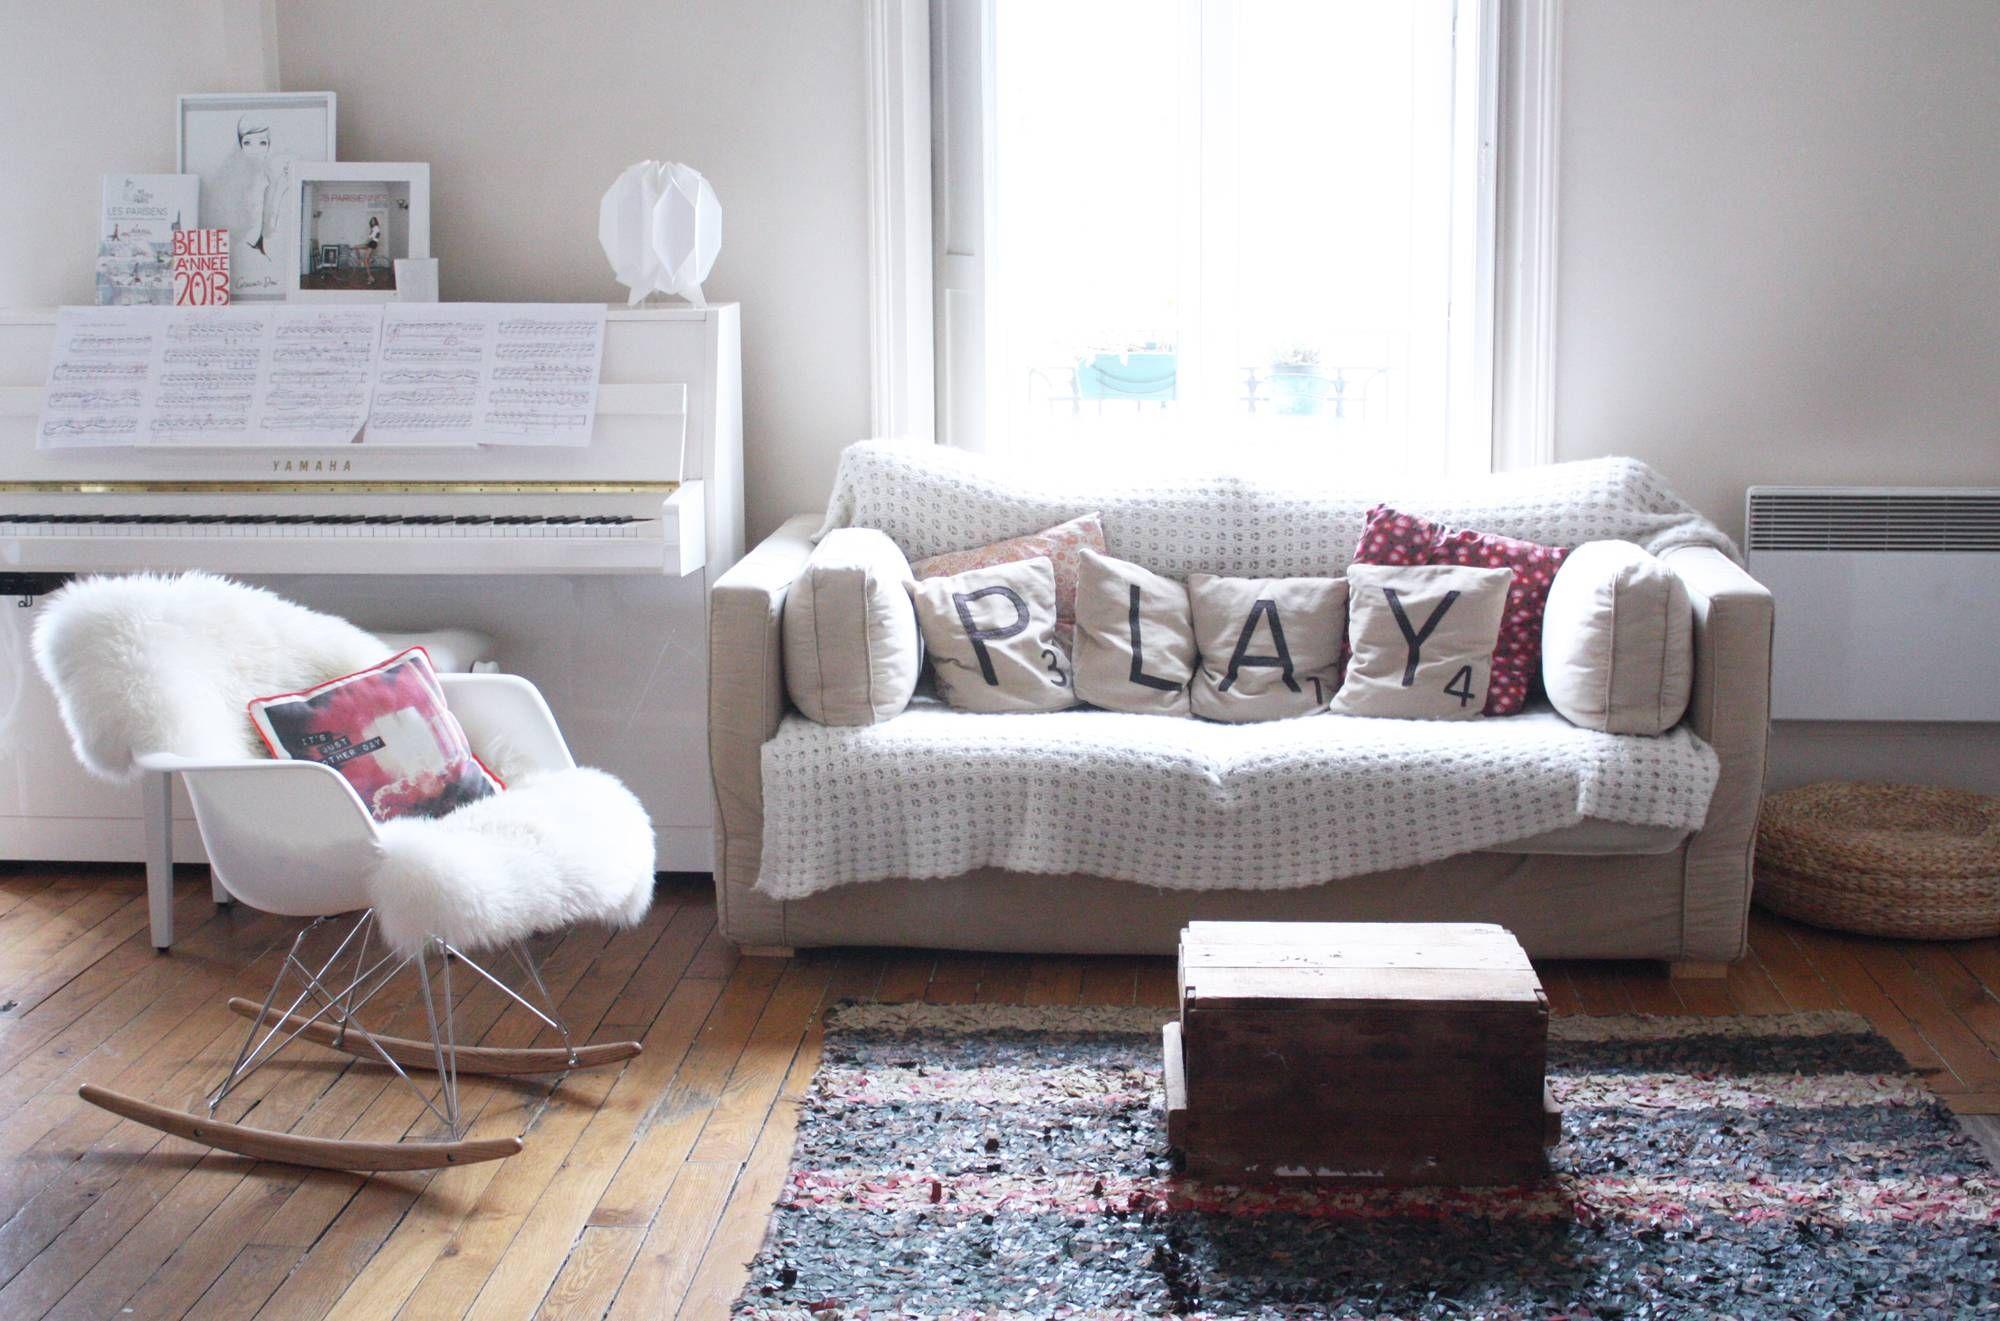 Recouvrir Un Canape Une Seconde Vie Pour Mon Canape Inspirations Recouvrir Un Canape Canape Lit Detroit Puredebrideur Ment Recouvrir In 2020 Home Decor Love Seat Bed